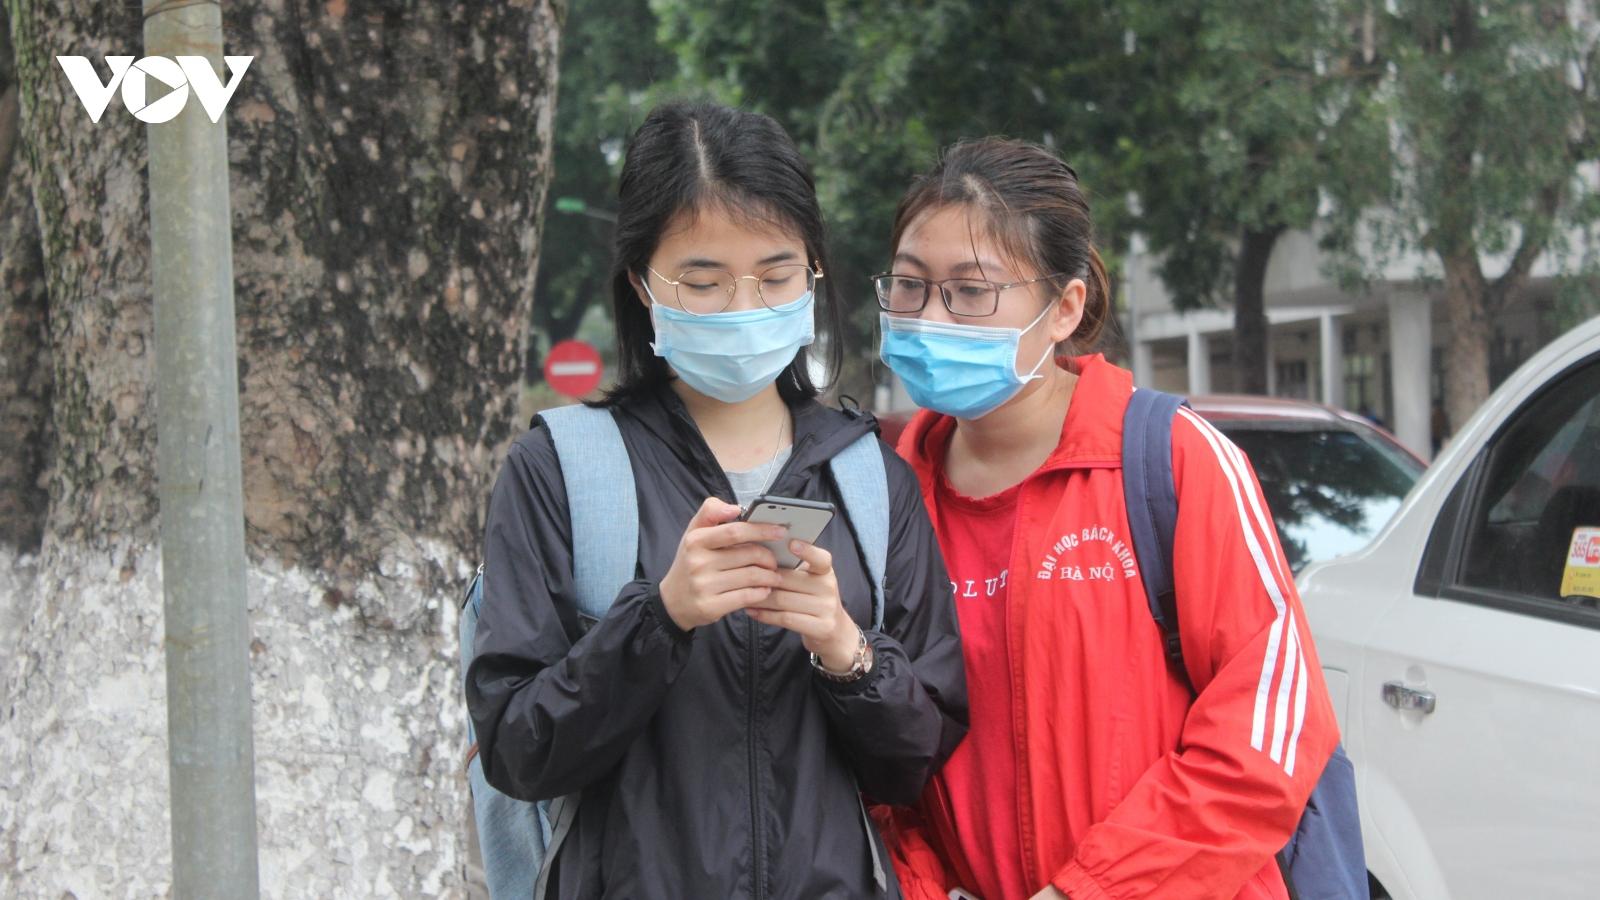 Bộ GD-ĐT yêu cầu các trường đại học chủ động chuyển sang học trực tuyến